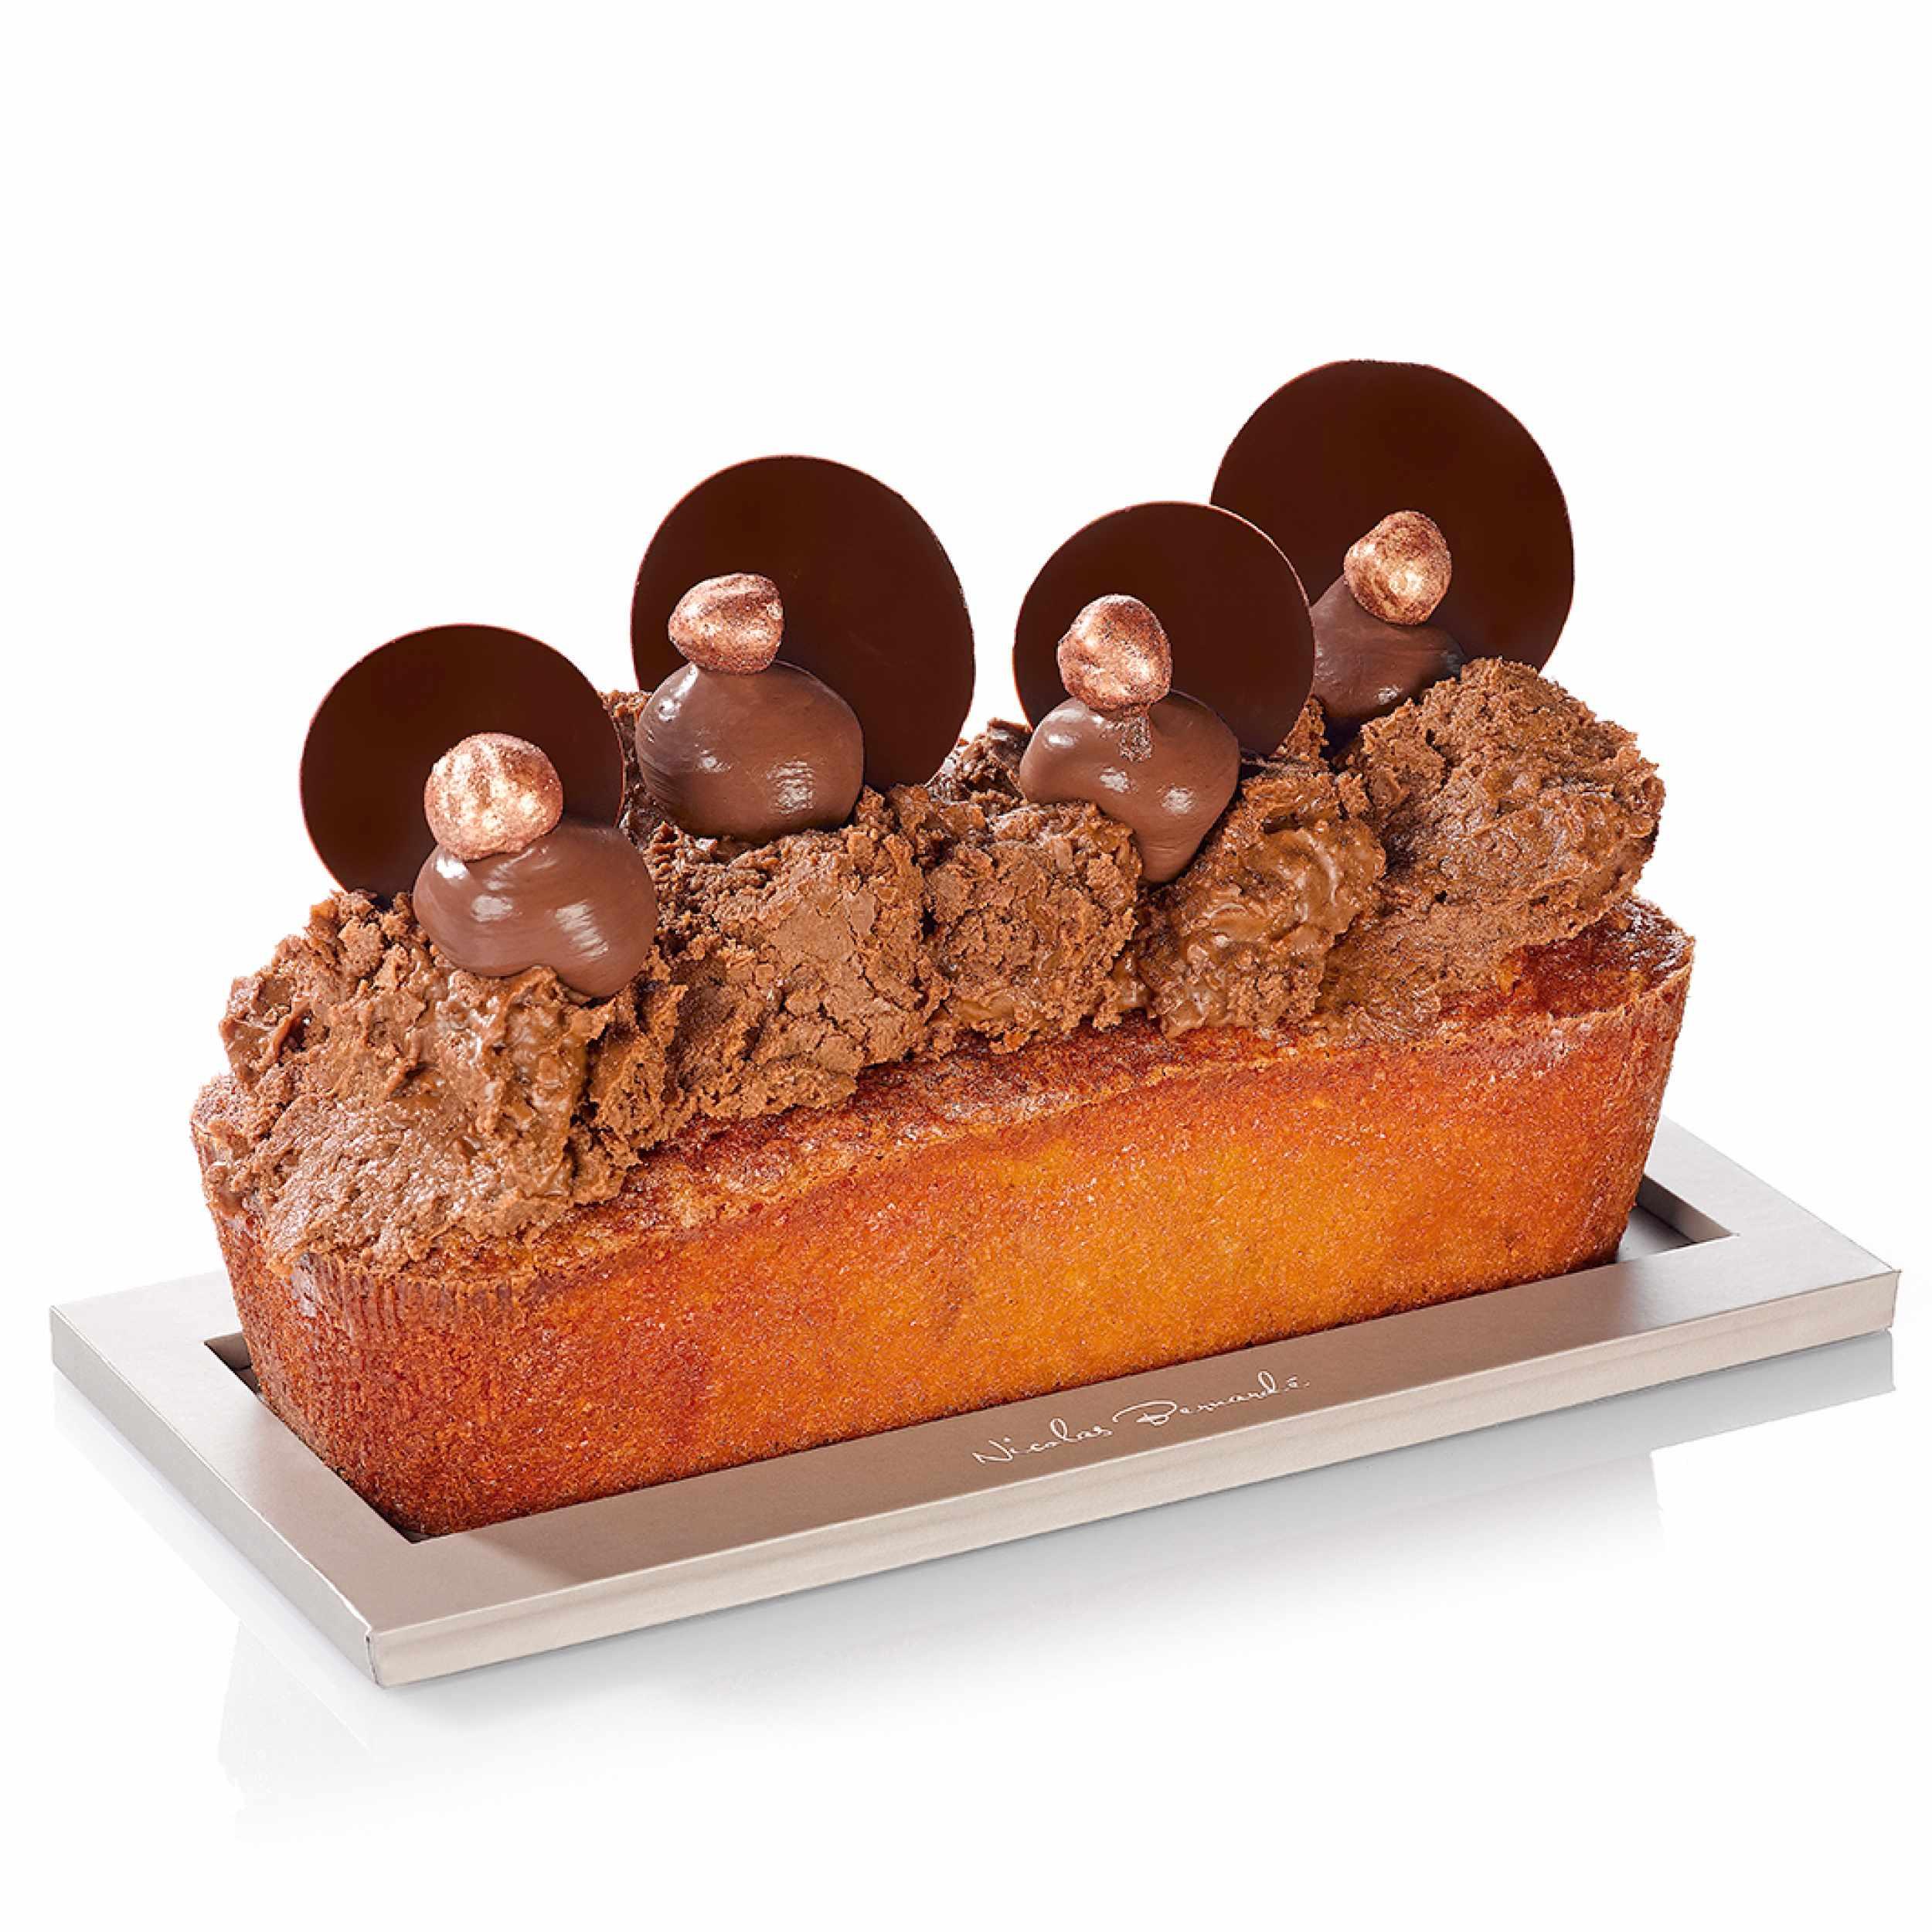 cake-amande-noisette-croustillant.jpg